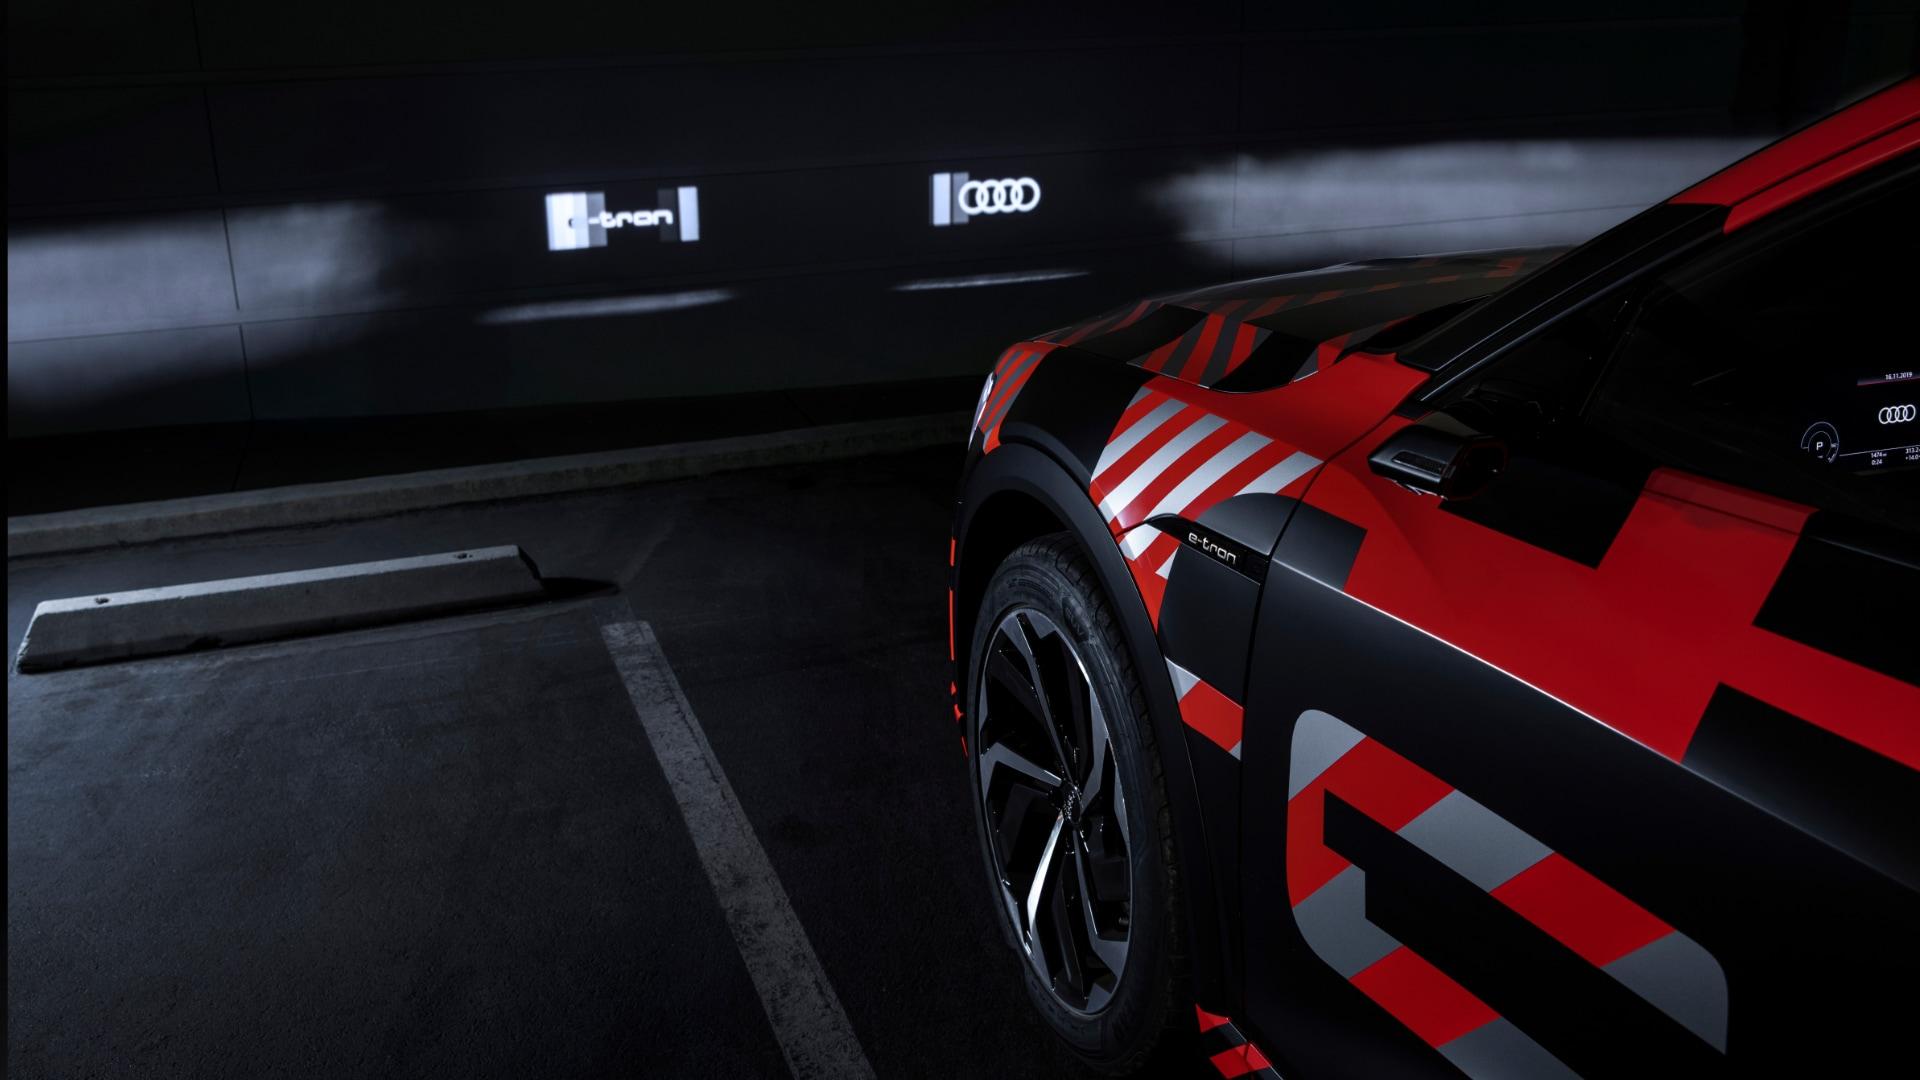 Prototip vozila Audi z LED luči med testiranjem.